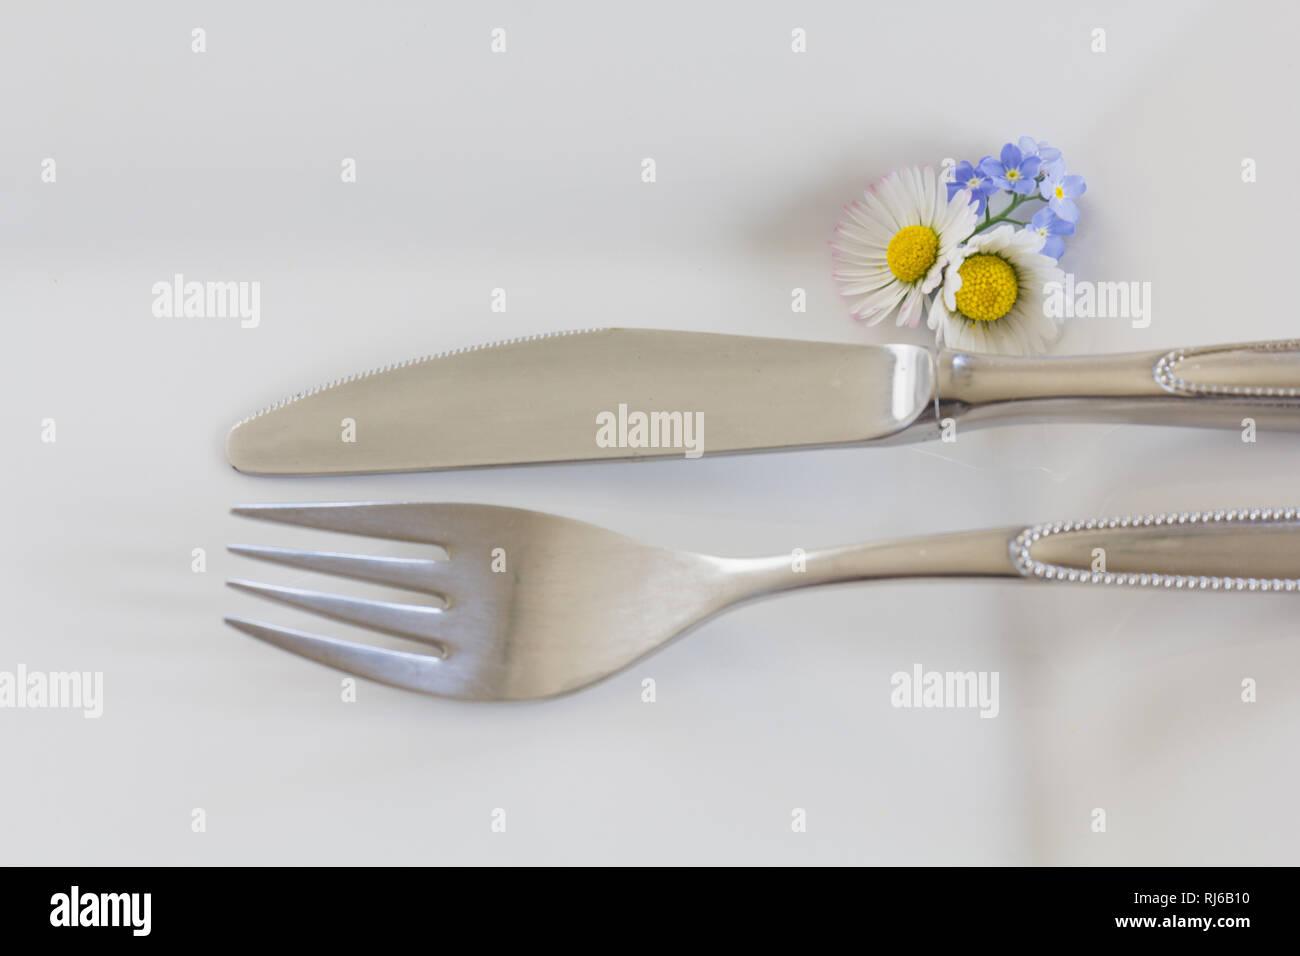 Messer und Gabel auf einem weißen Teller, der Tisch ist gedeckt, - Stock Image